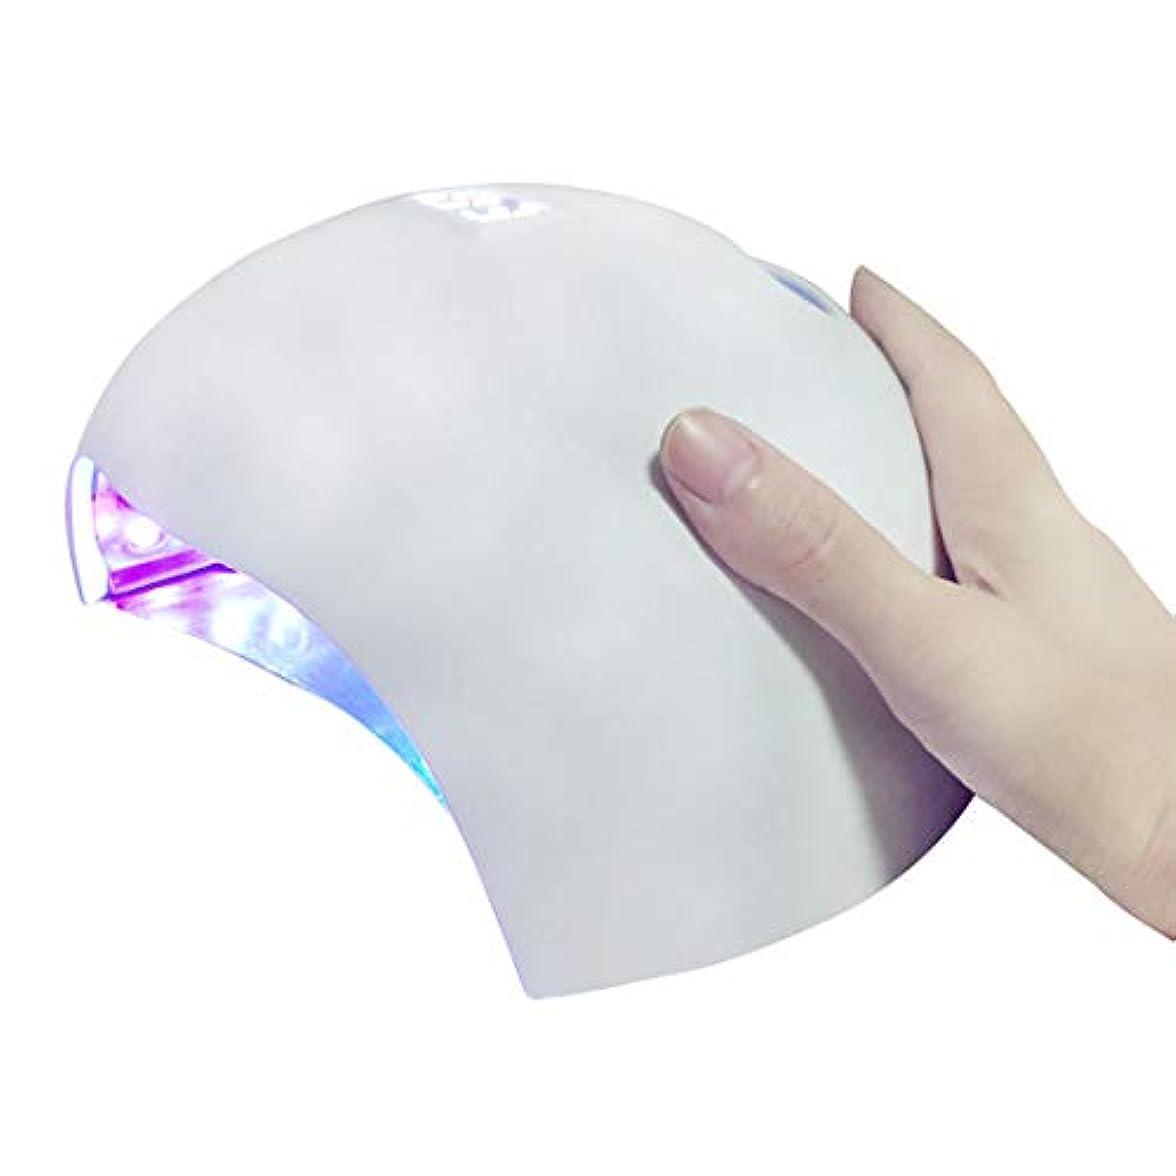 リンス急速なセレナシェラックおよびゲルの釘のための専門の紫外線およびLEDの釘ランプそして釘のドライヤーの表示